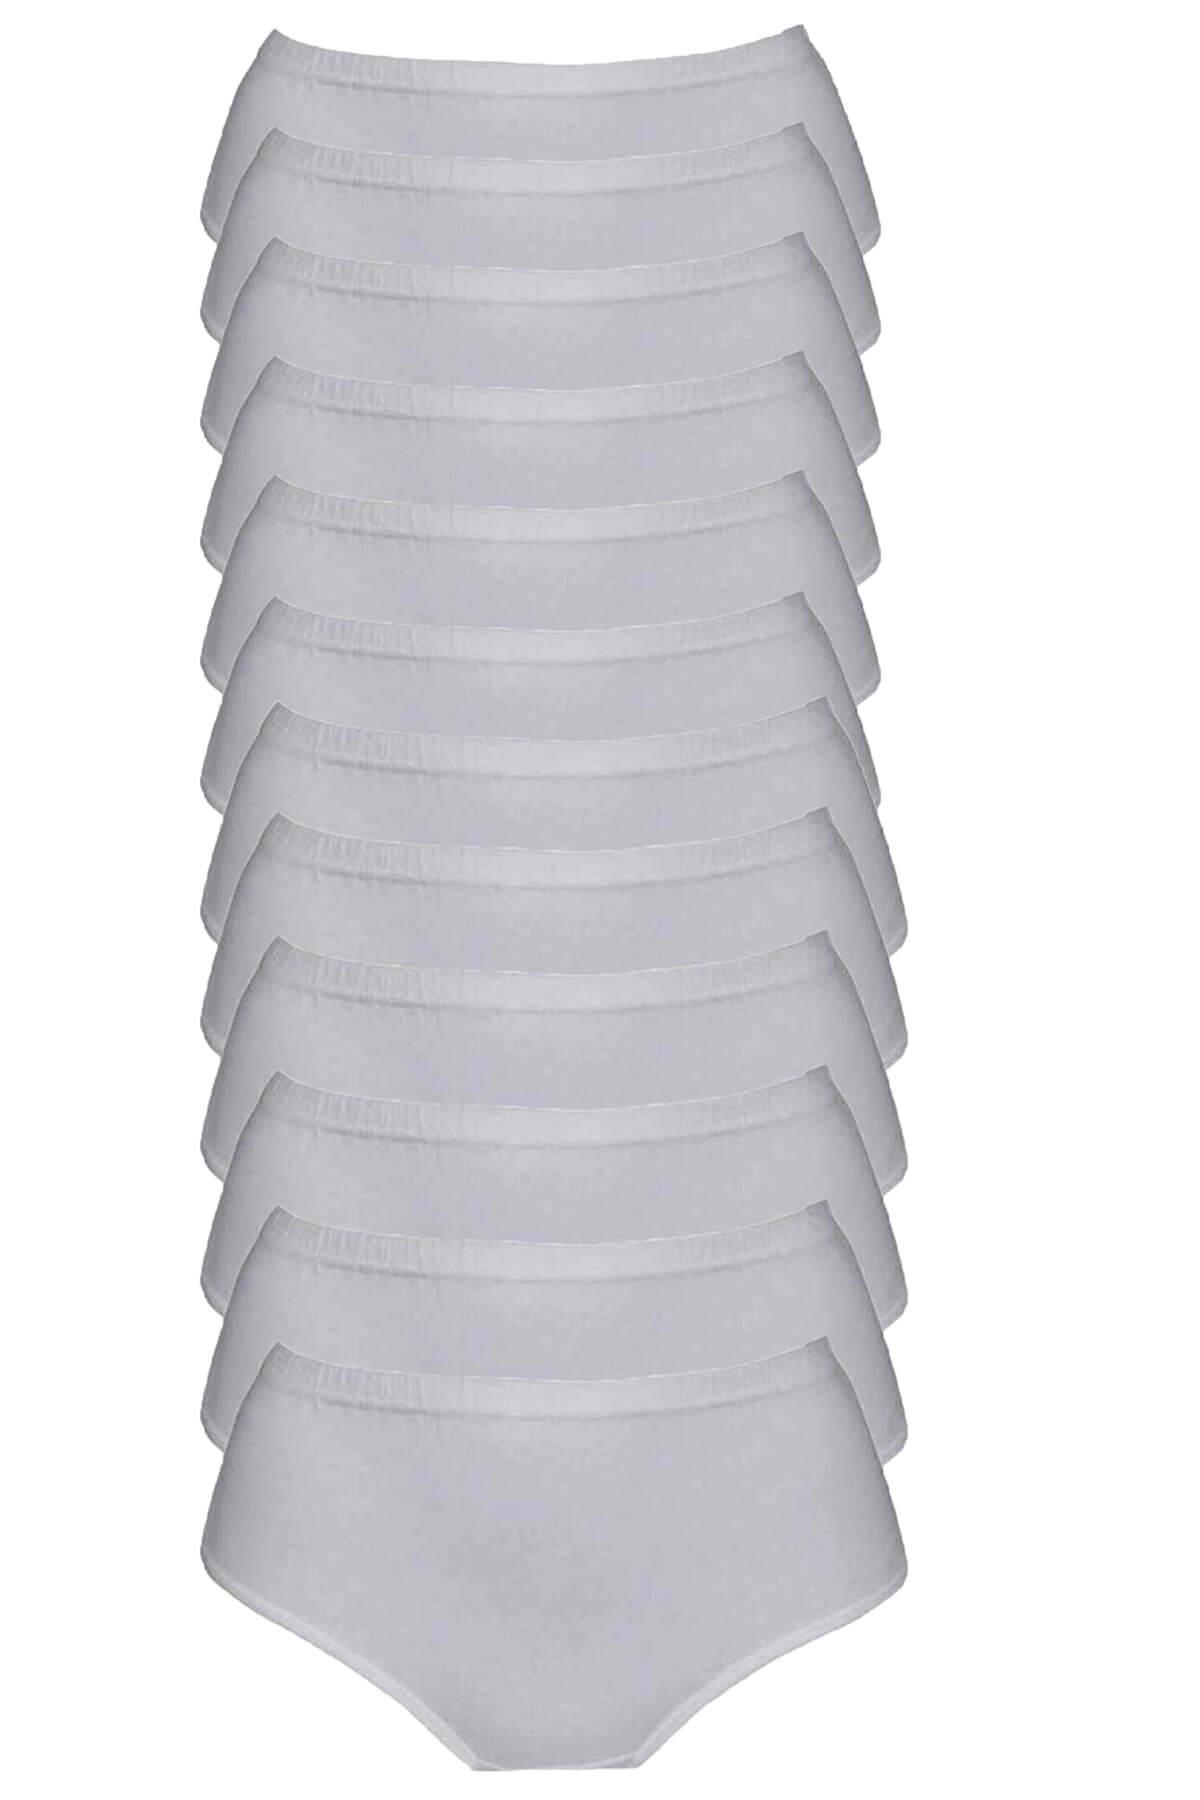 Tutku İç Giyim Kadın Yüksek Bel Bato Külot 12li Paket Rahat Form